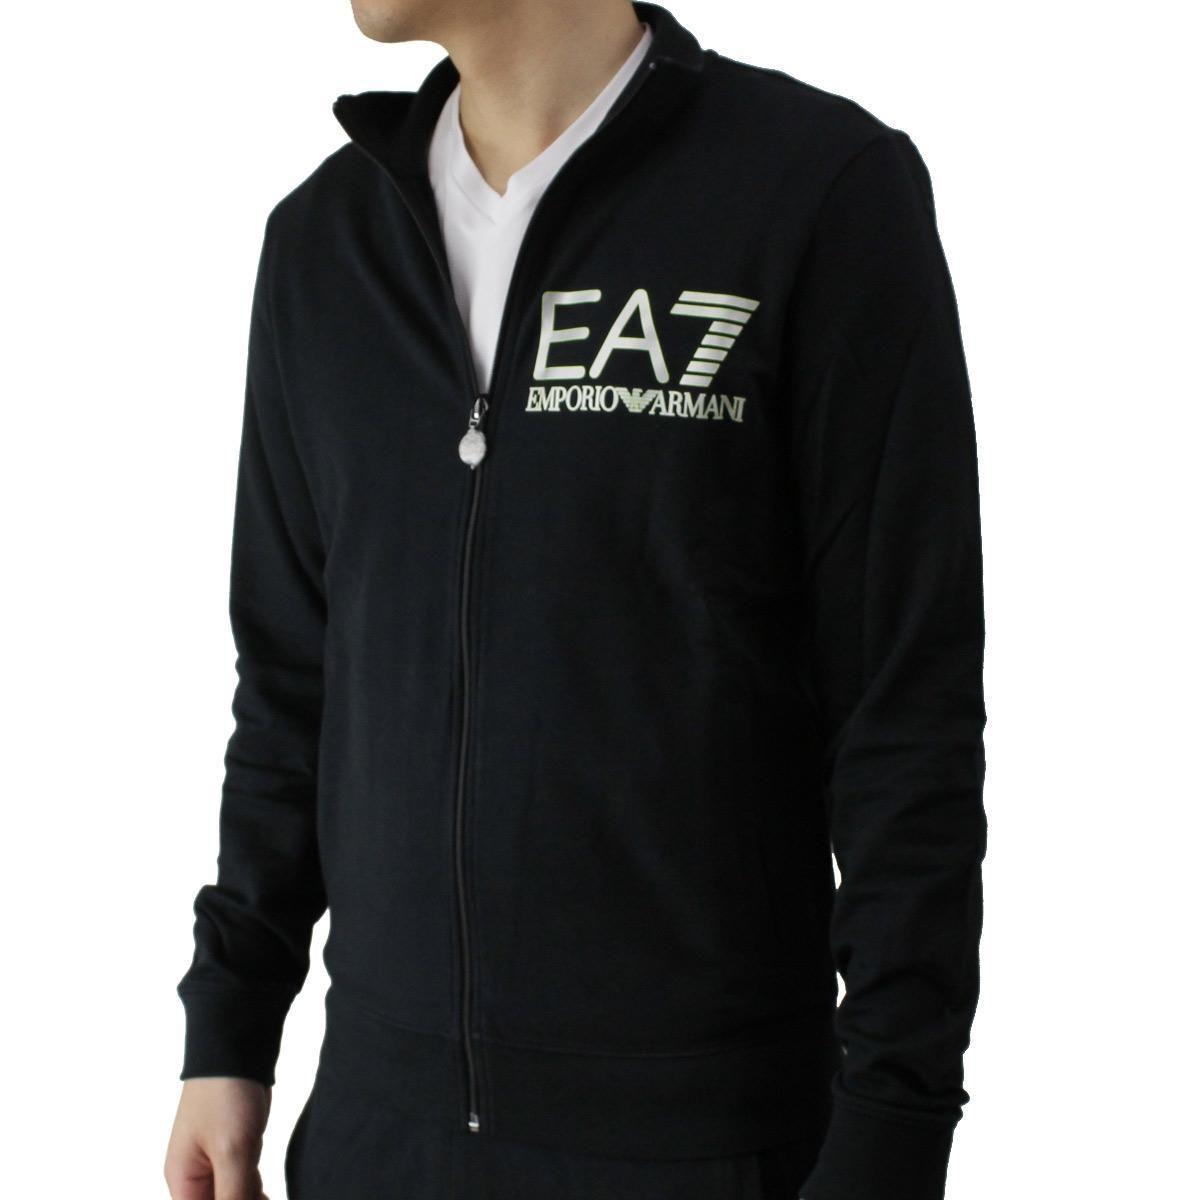 イーエーセブン (EA7) メンズスウェット276121 6P280 00020BLACK ブラックサイズ(#L)